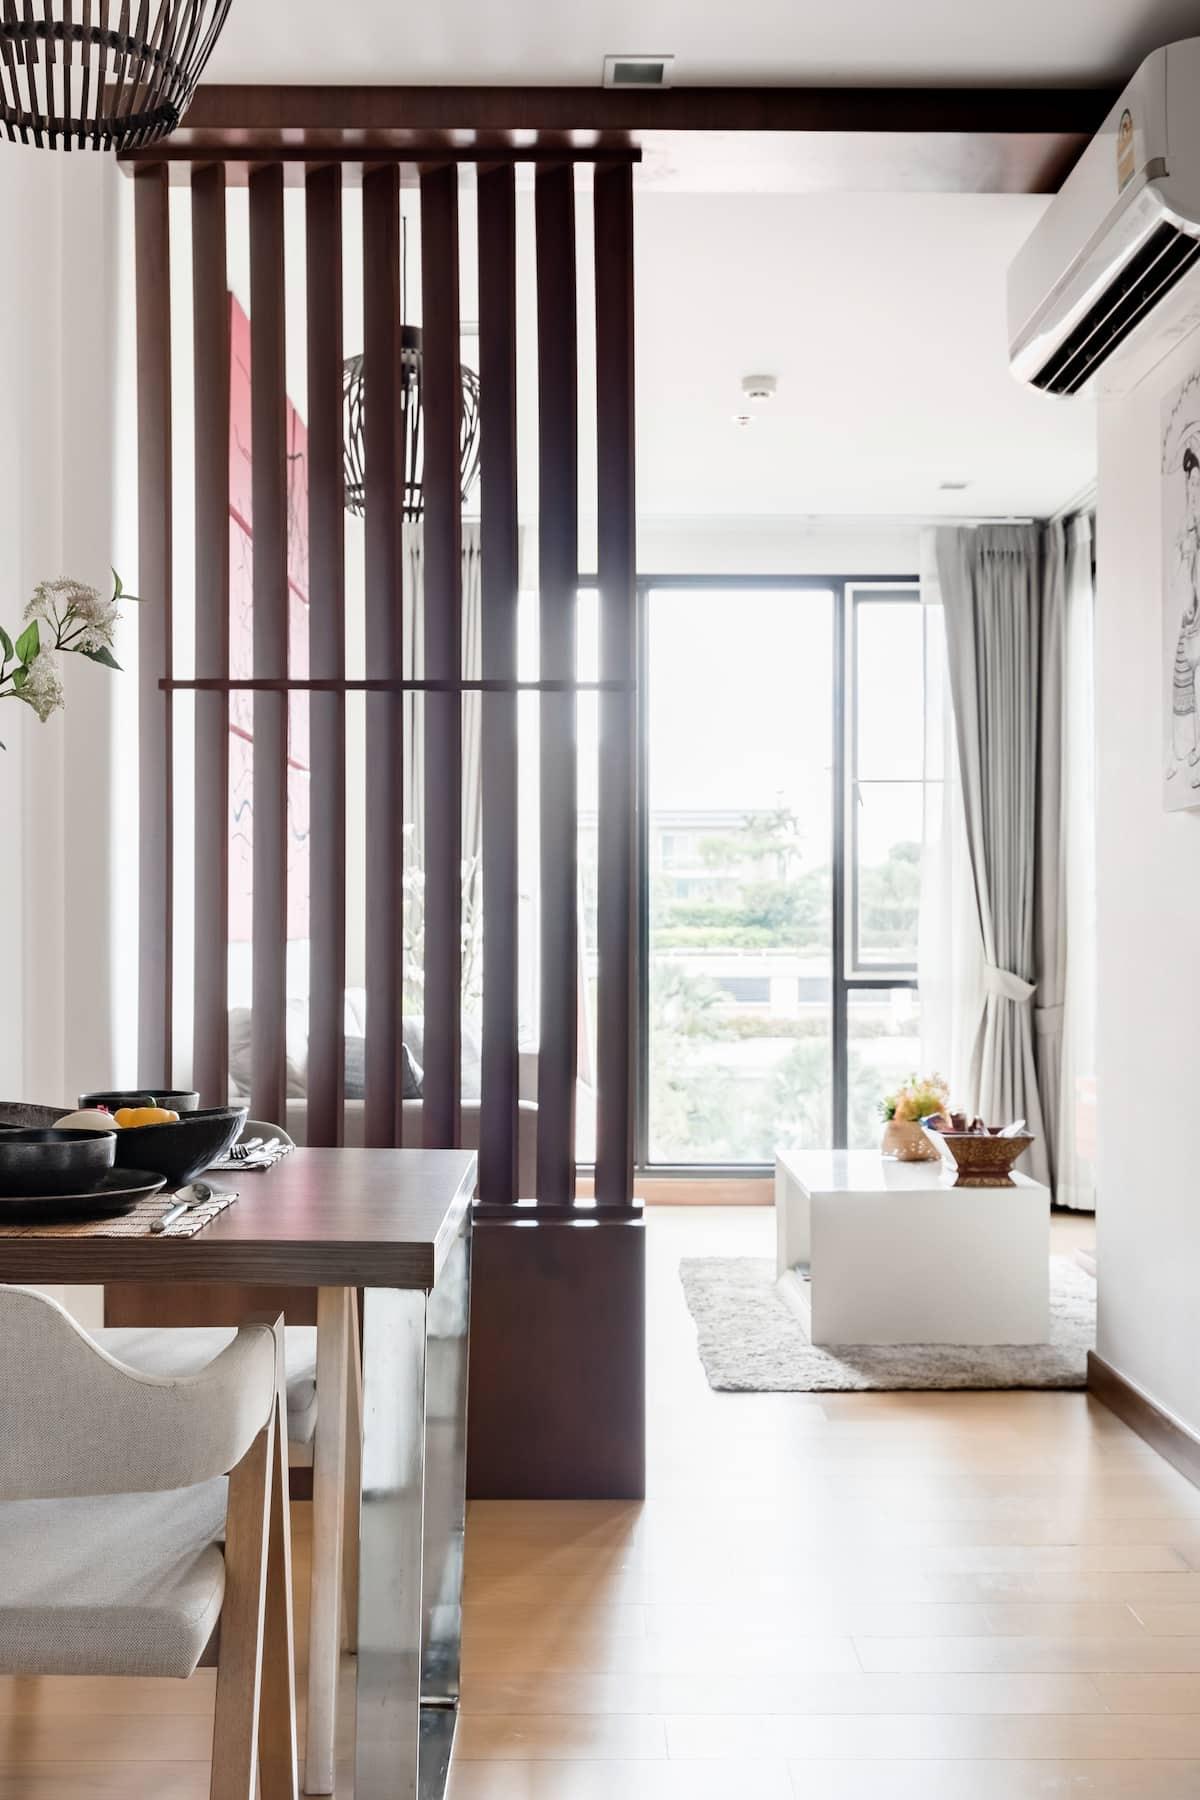 入住位于长康路的简约风公寓,在无边泳池旁饱览清迈的城市风光